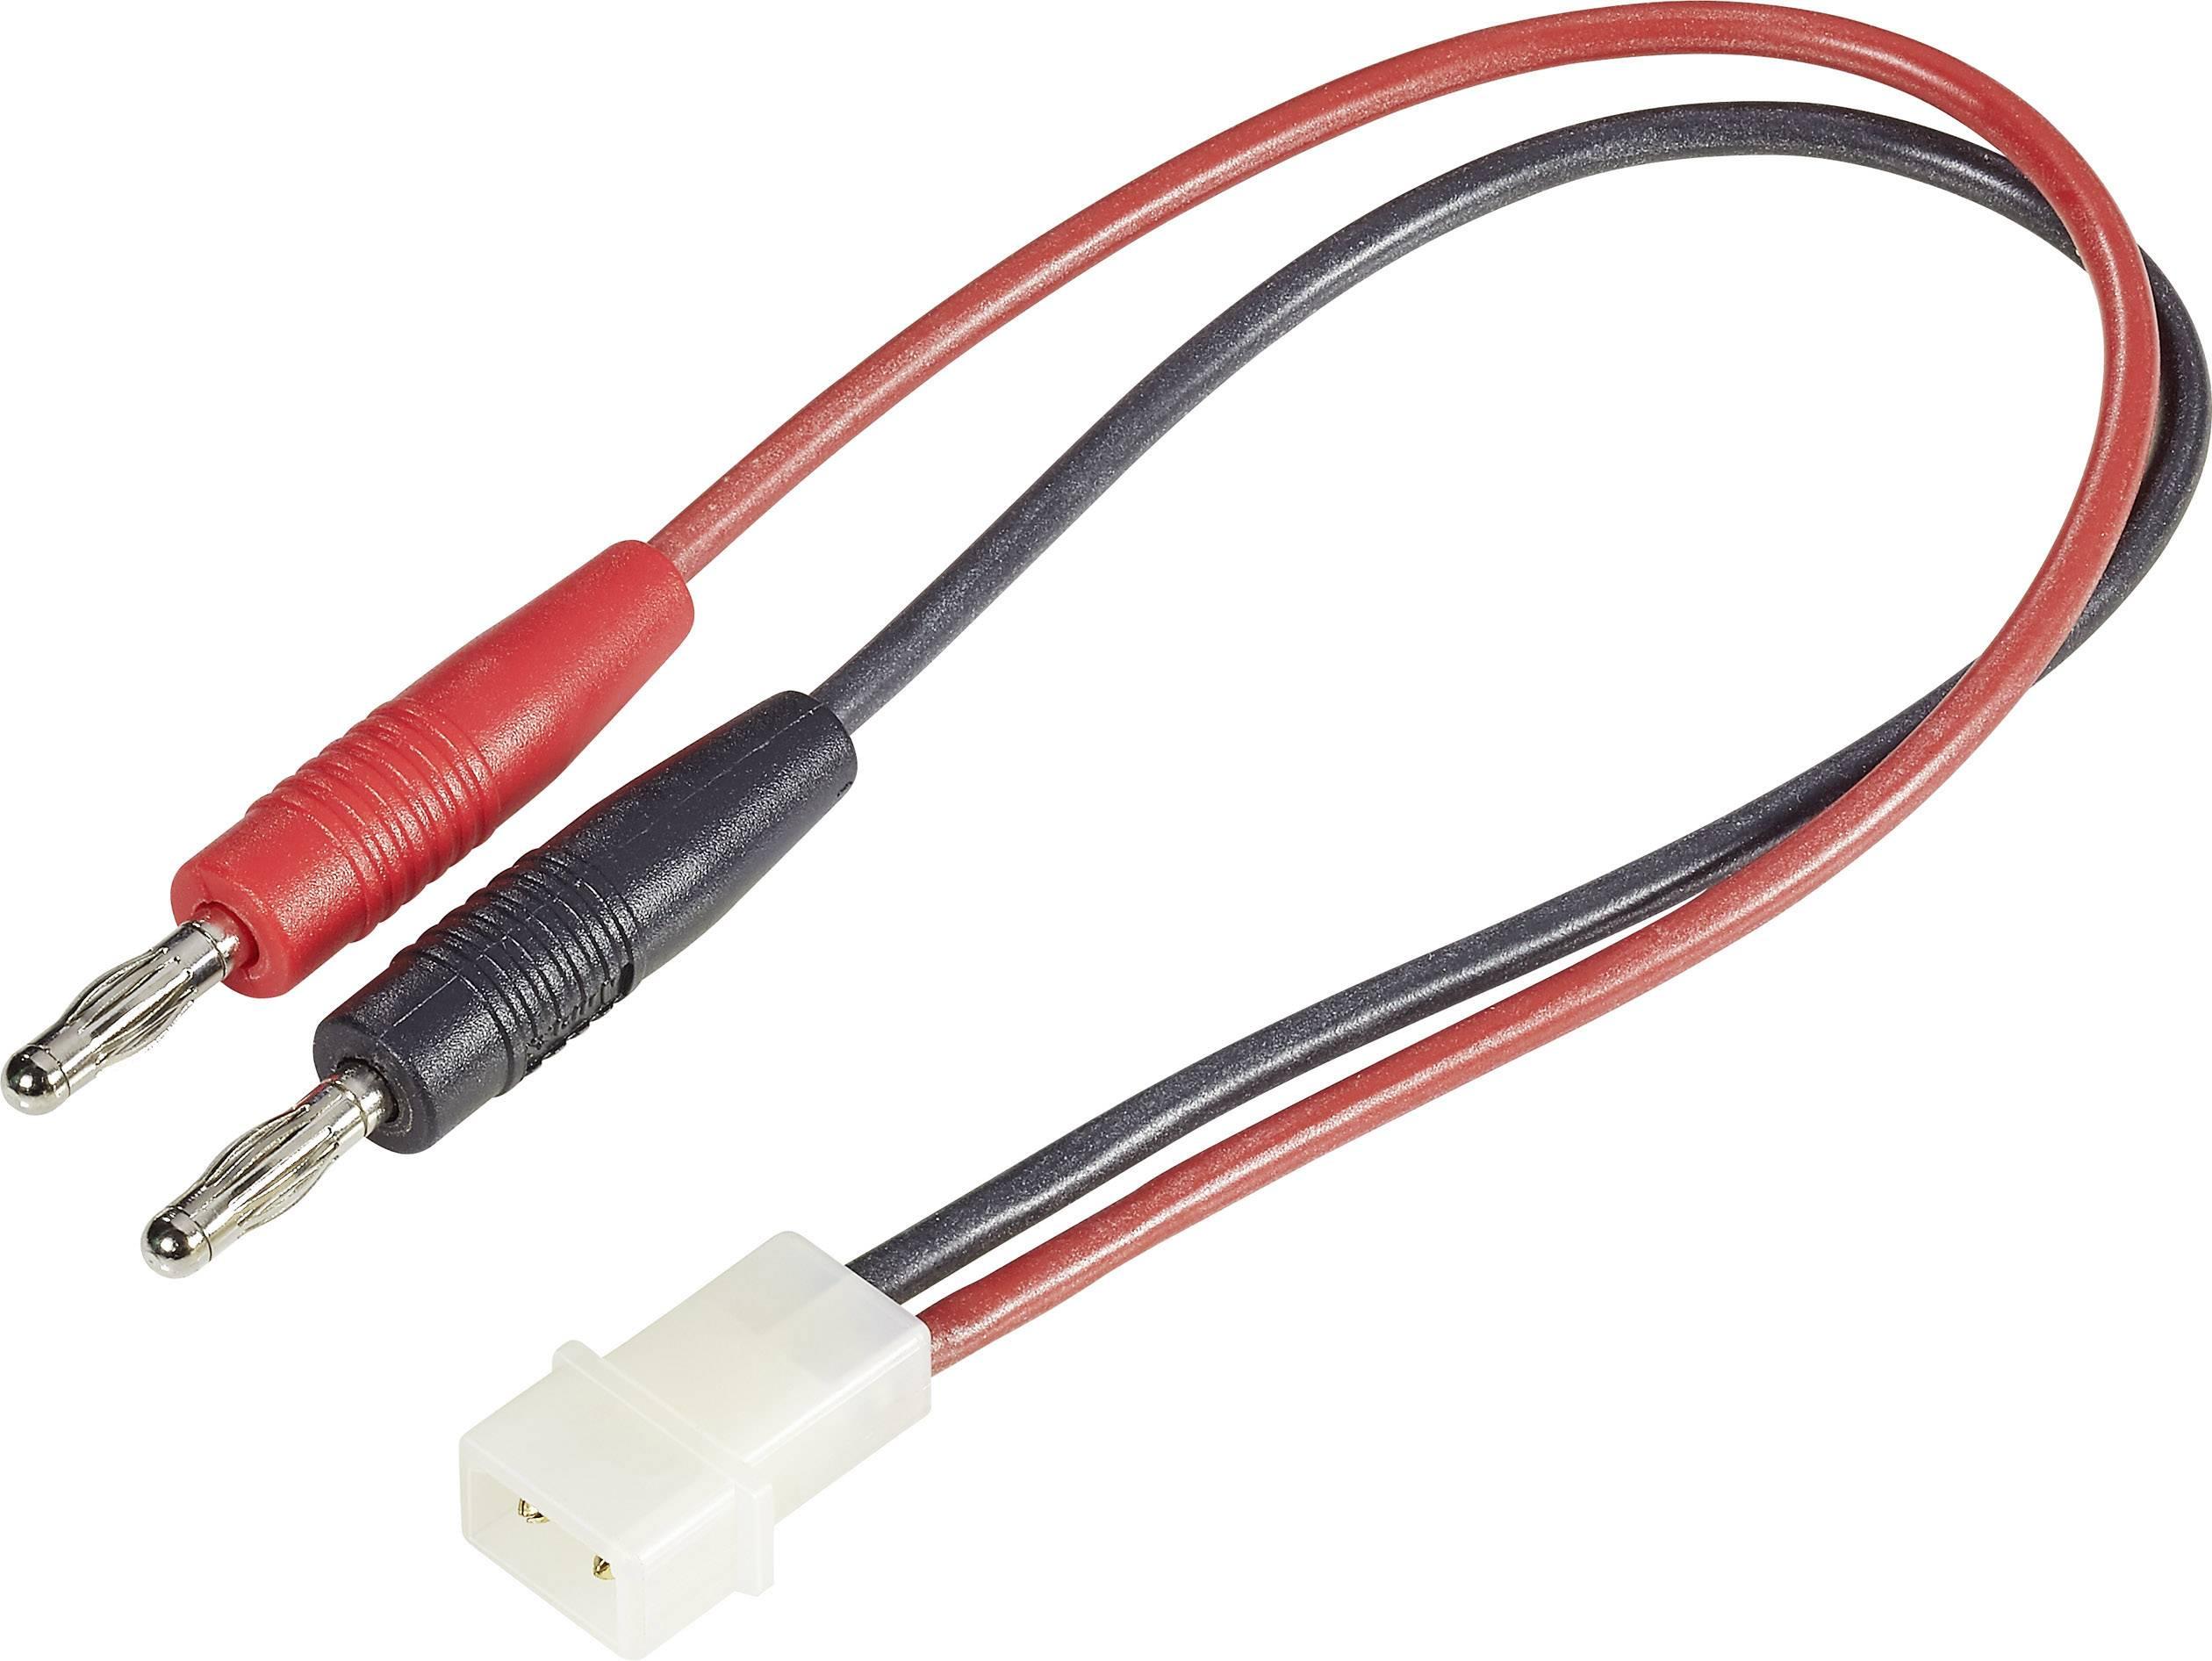 Nabíjací kábel Modelcraft 208294, [2x banánková zástrčka - 1x ], 250 mm, 2.5 mm²